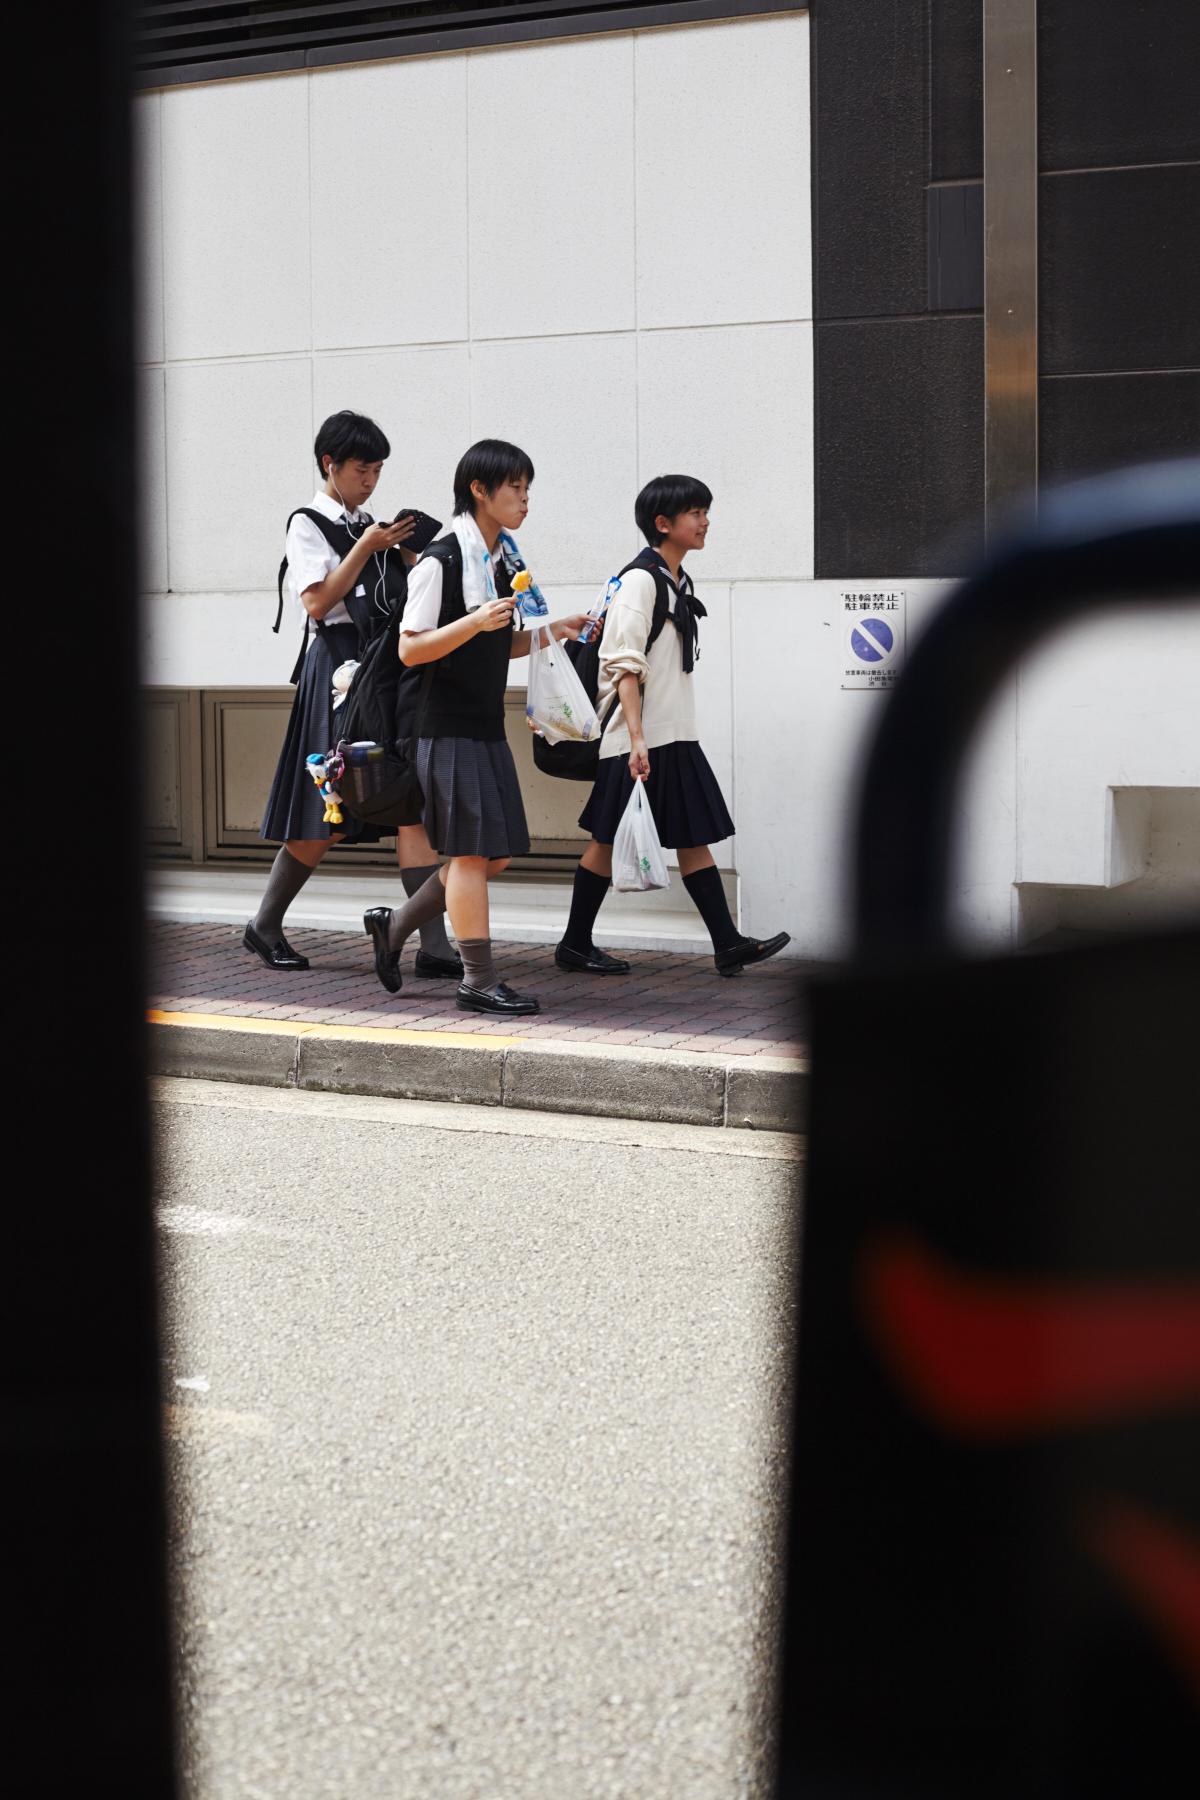 Unit_Jochem_van_Grunsven_Japan_Honne_Tatemae_11_1226.jpg